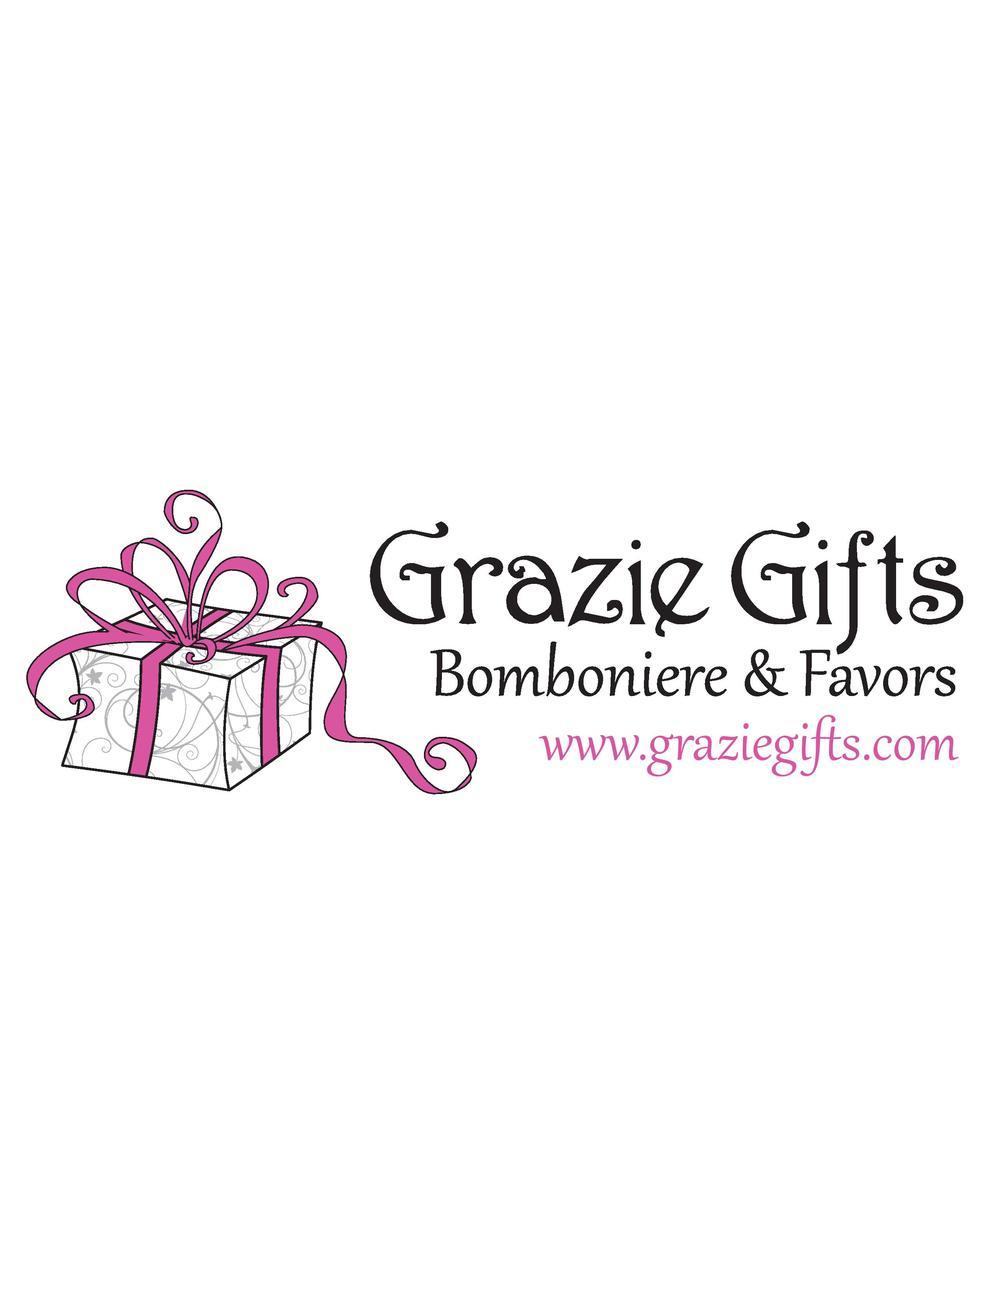 grazie_gifts_banner-page-001.jpg